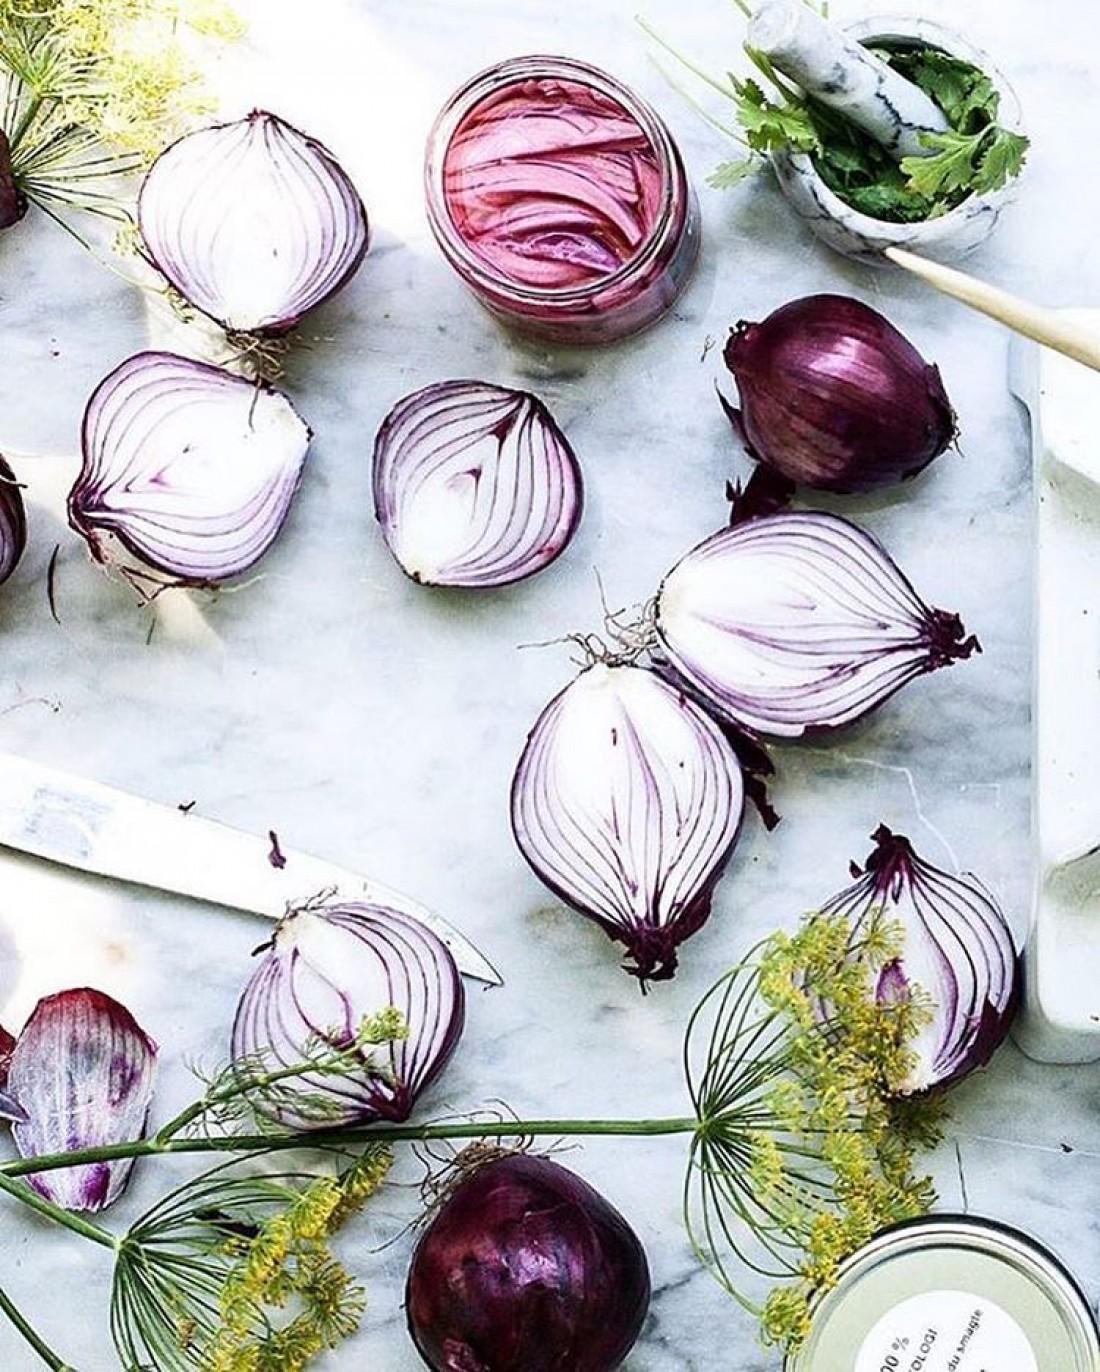 Узнай, какие продукты включить в свое меню, чтобы защититься от простуды